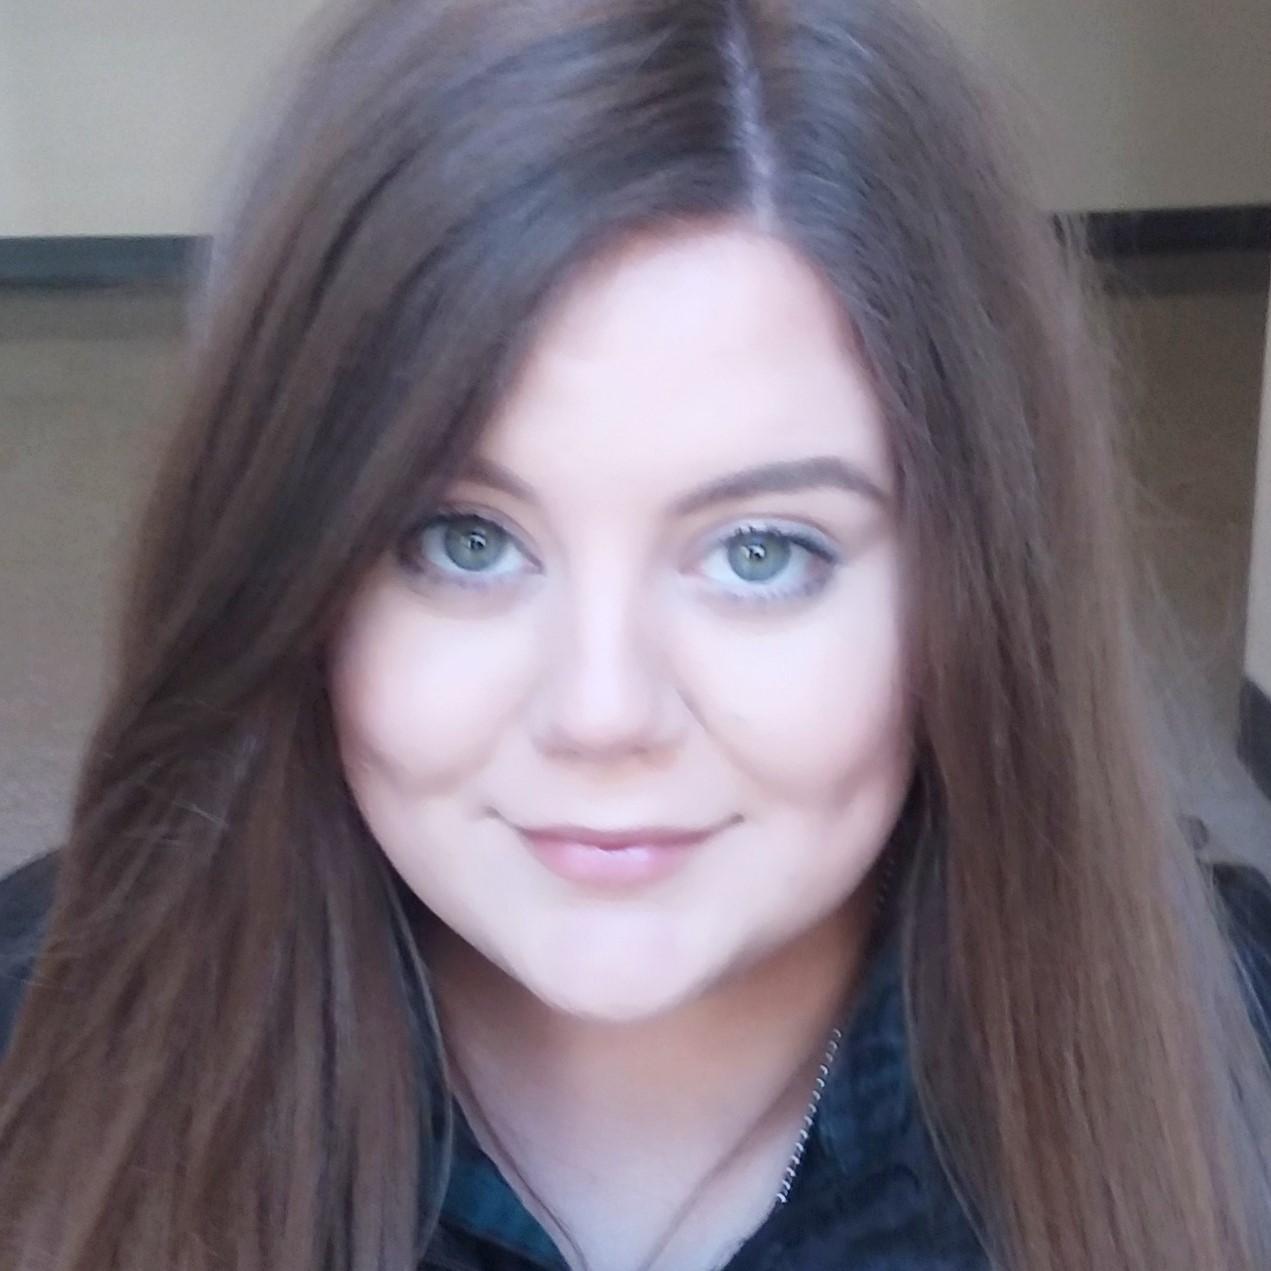 Katelynn Deibel